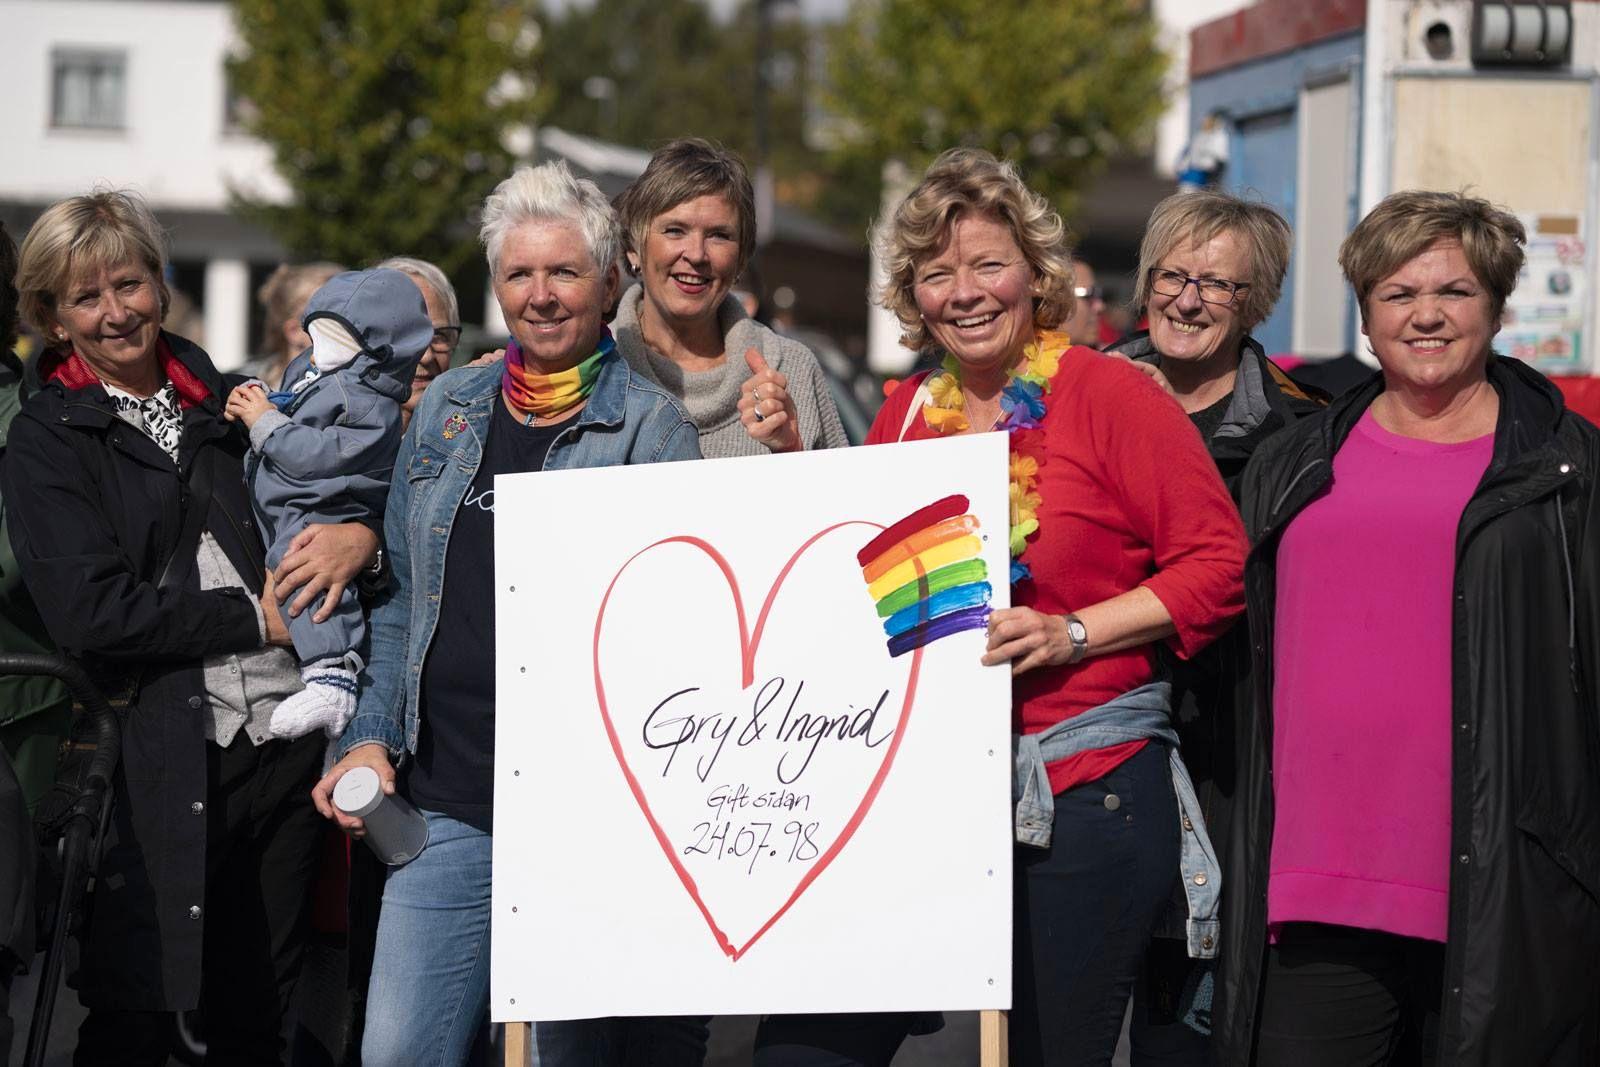 Jubileum: Femti organisasjonar var tilslutta arrangementet i Leirvik på laurdag. To av dei som feira, var Ingrid Eskeland og Gry Tuset. Dei har vore gift i 20 år.